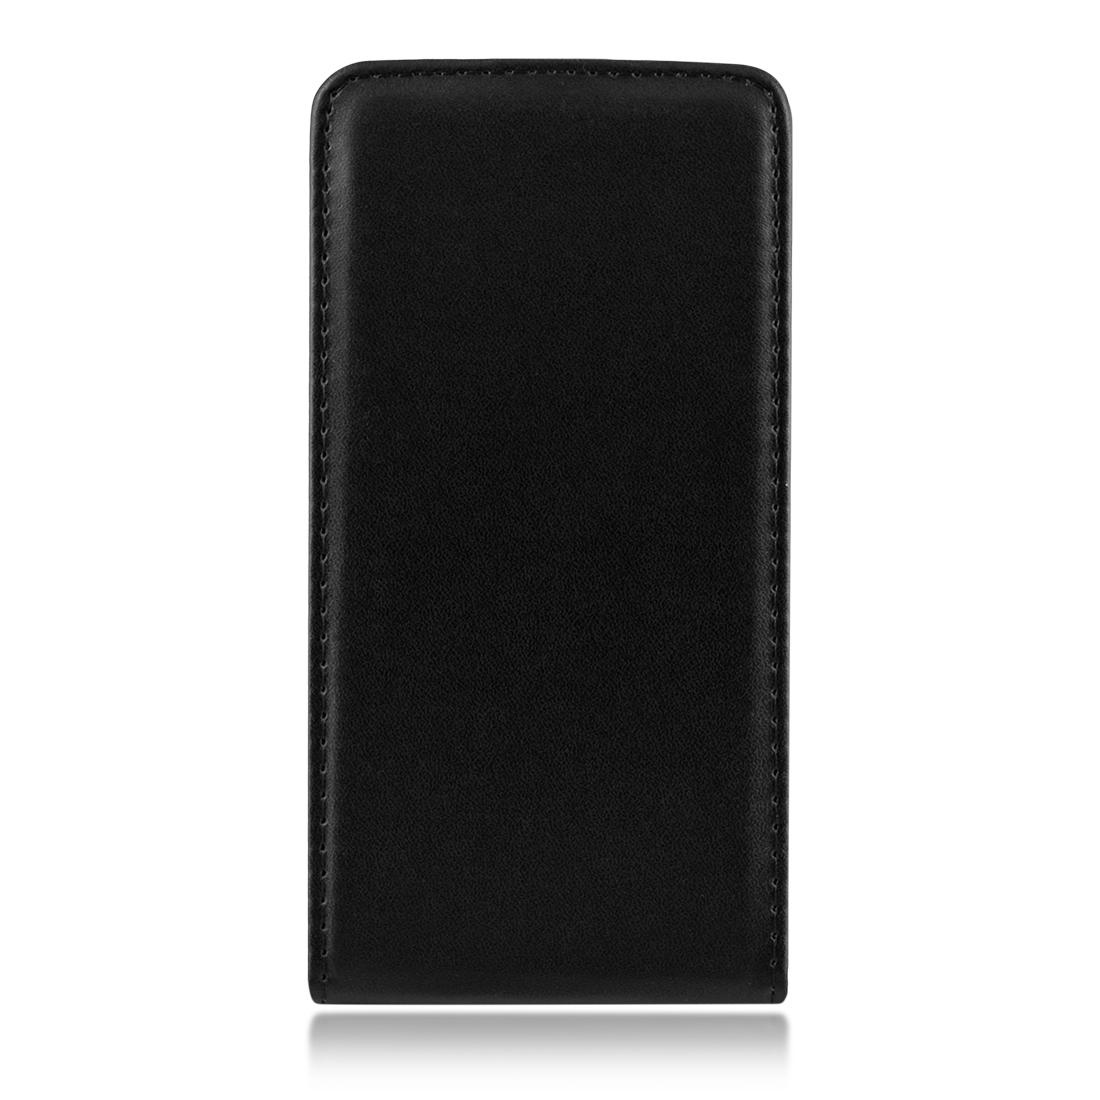 Чехол откидной для Xperia C4 чёрного цвета купить в Sony Centre